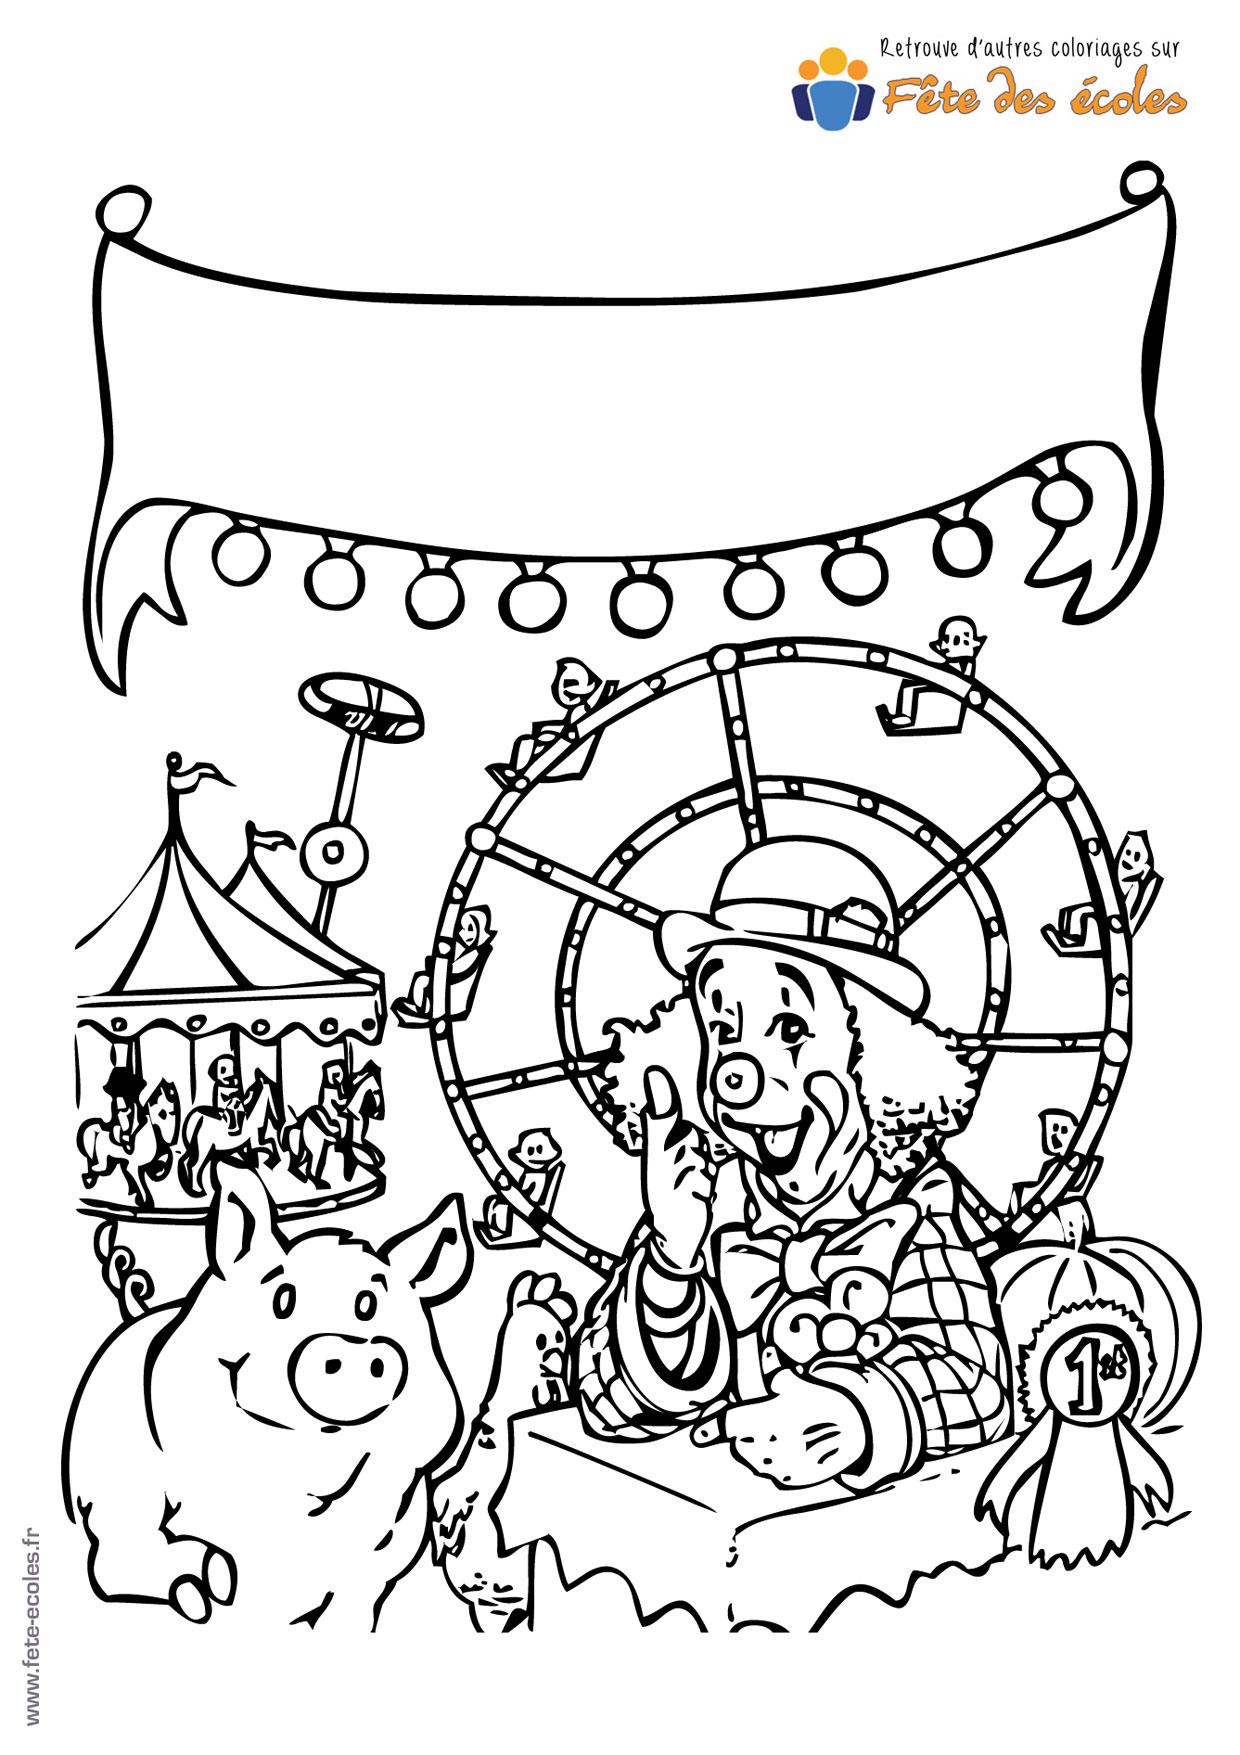 Coloriage Tete De Cochon.Coloriage D Un Clown Et Son Cochon